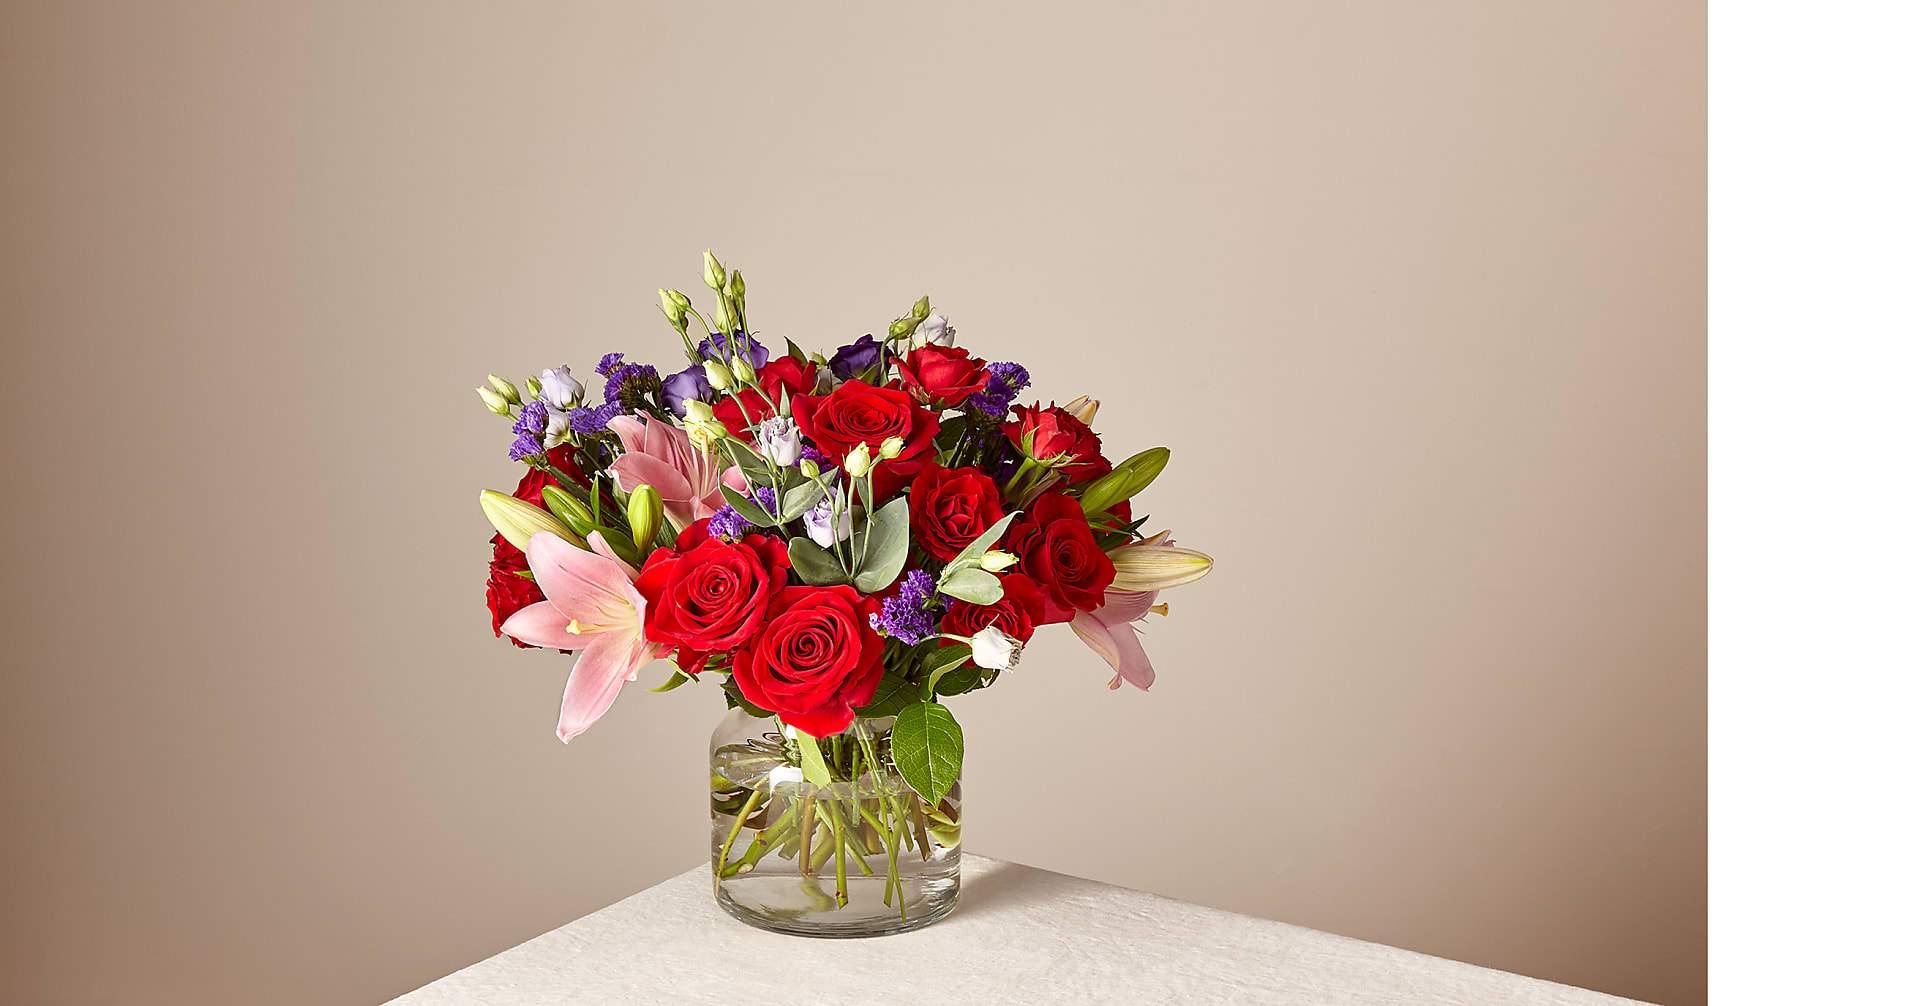 STYLECASTER | Blumenlieferdienste